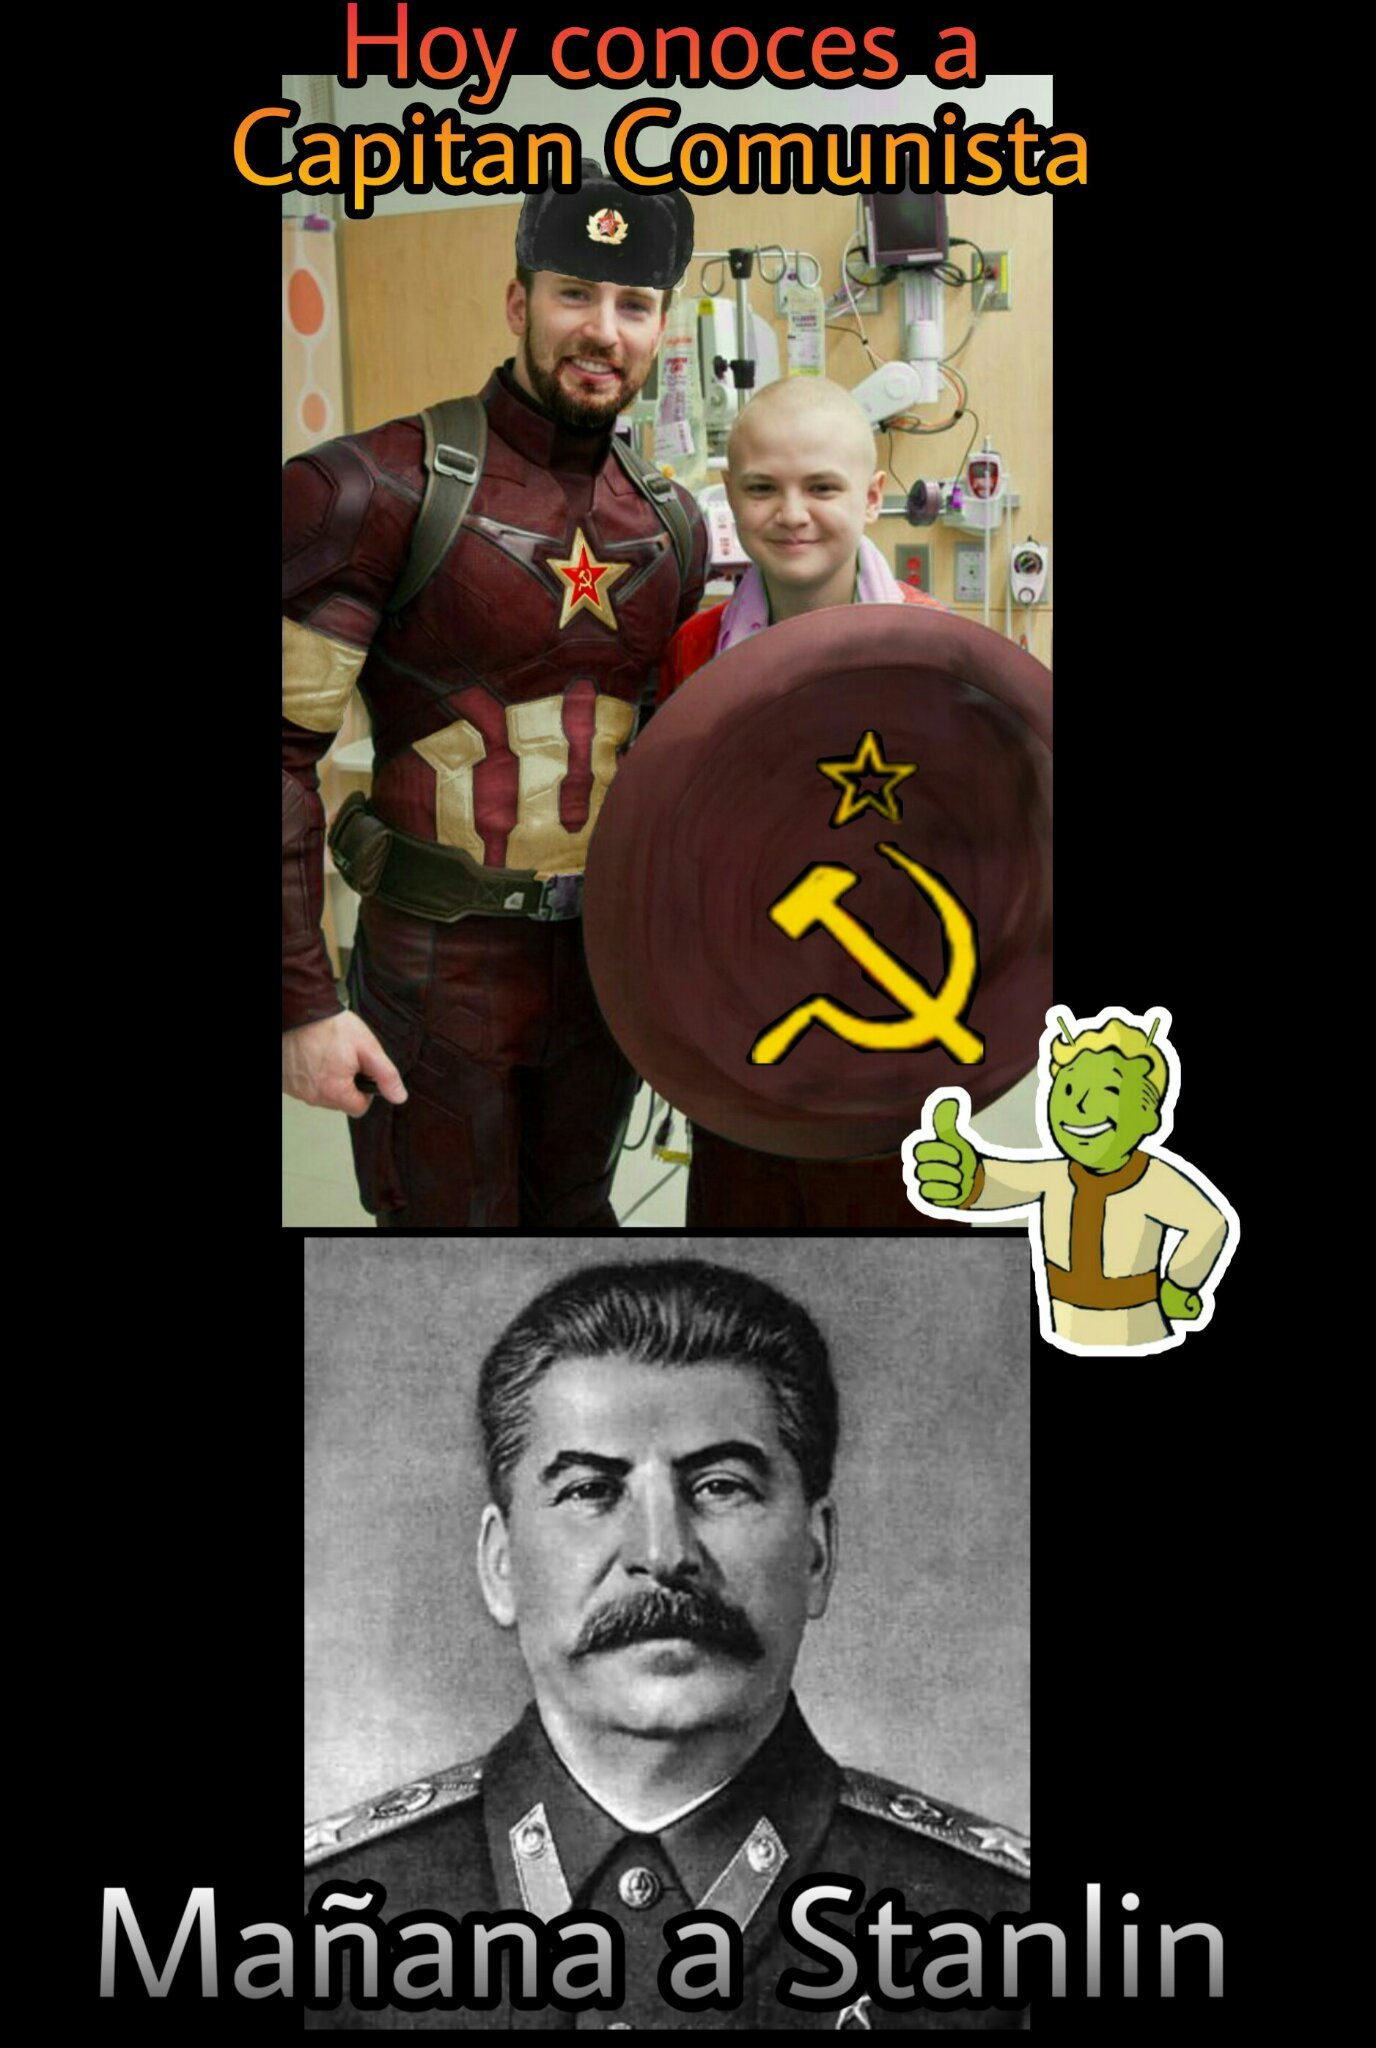 Llamad al liberty prime! - meme